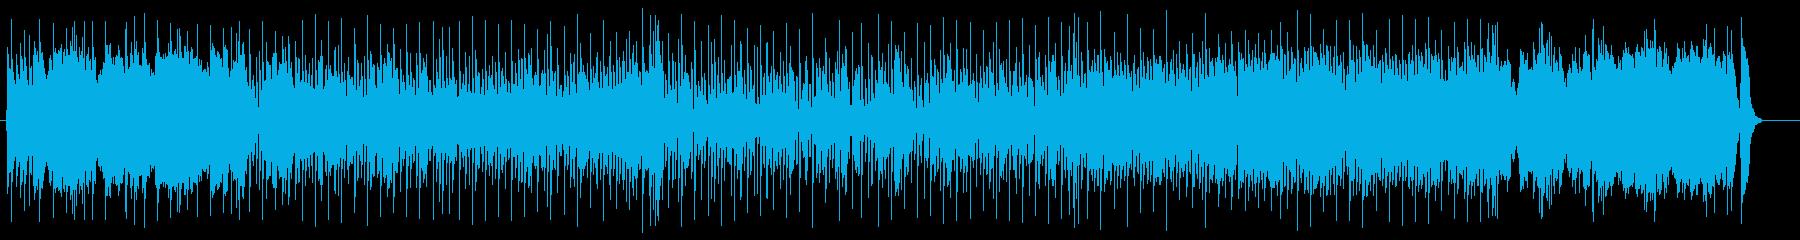 変拍子が楽しいシンセミュージックの再生済みの波形